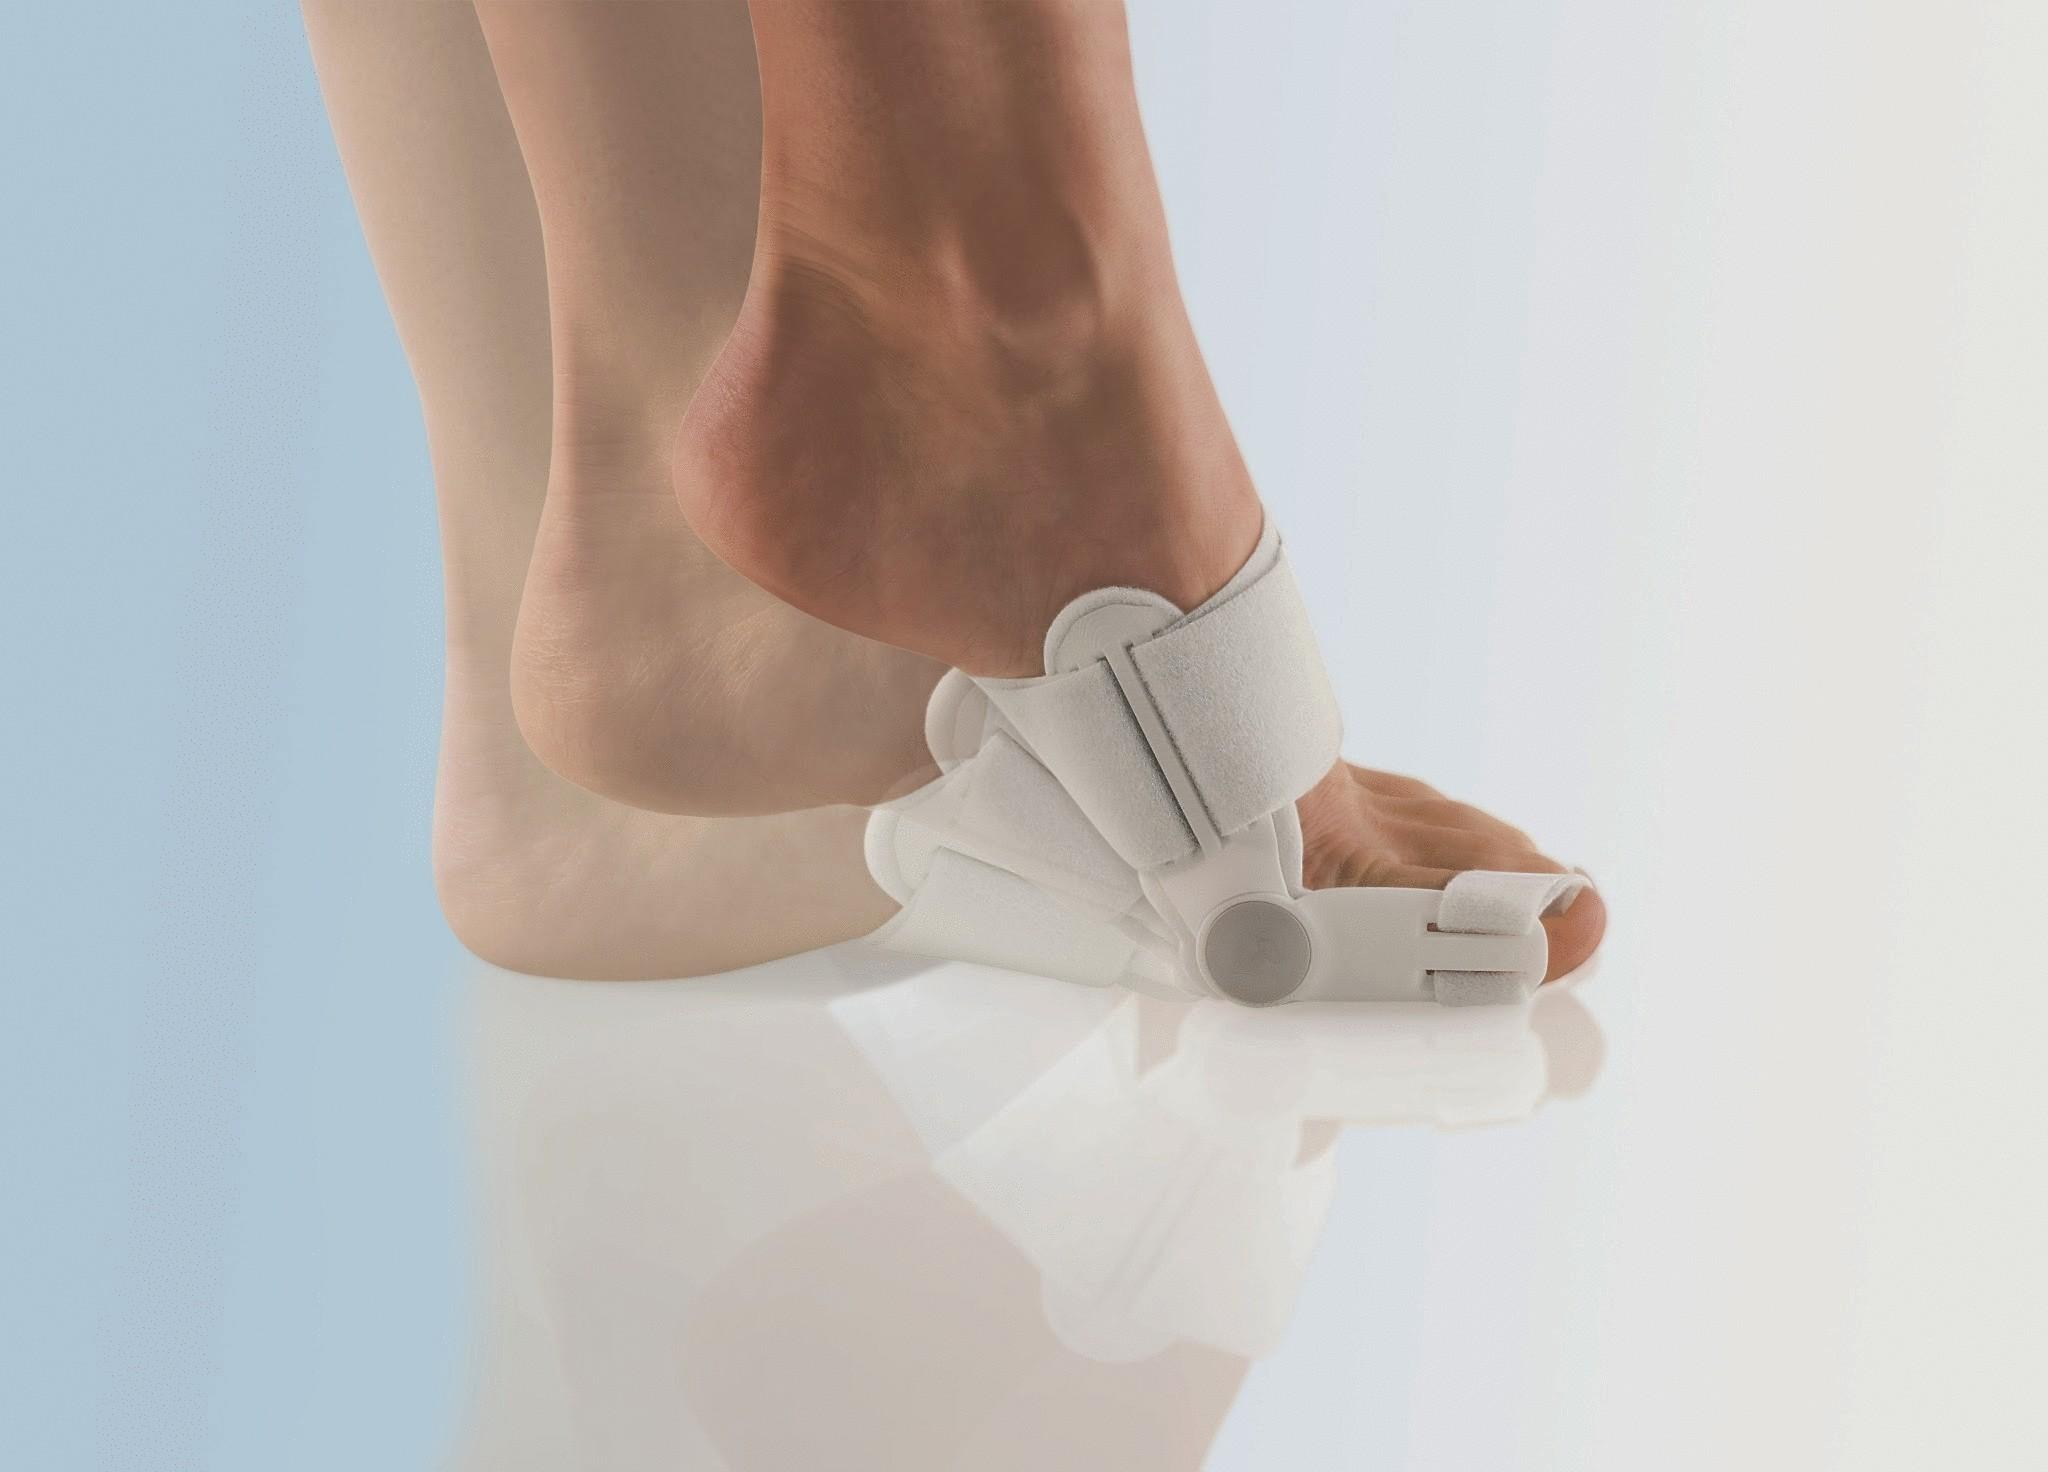 Лечение косточки большого пальца ноги народными средствами